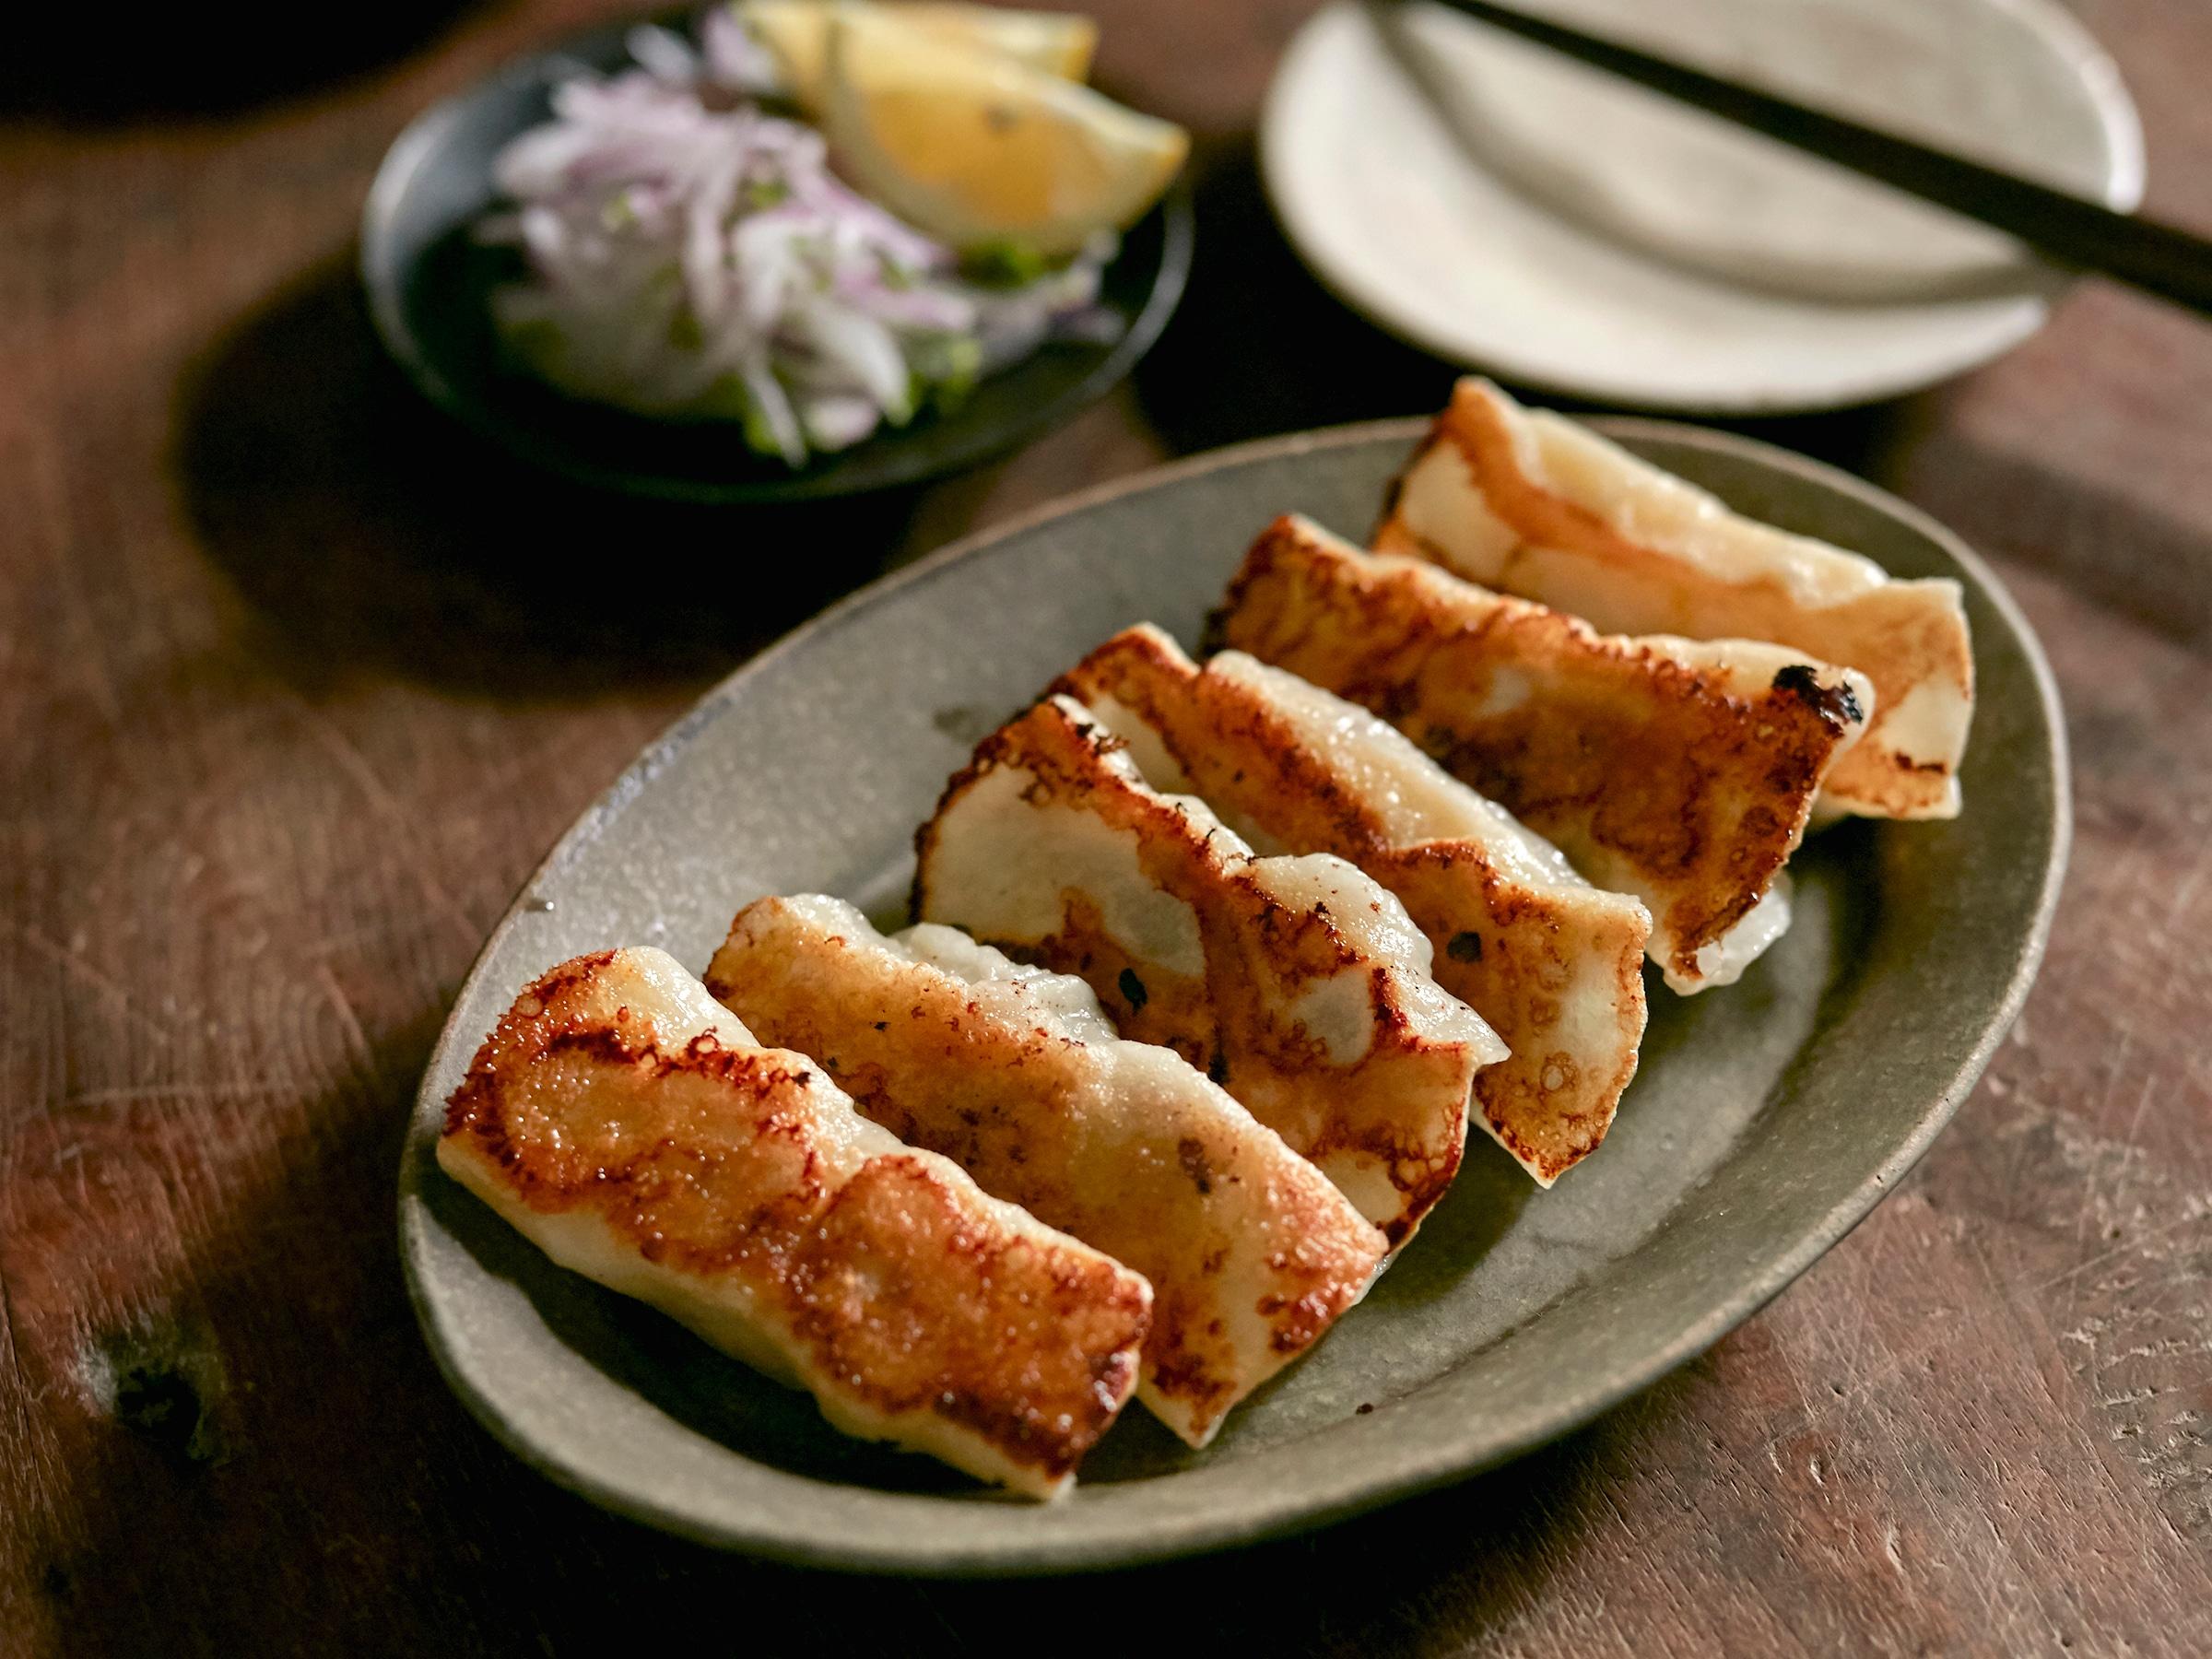 ほかにないレアな豚肉餃子レシピ さつまいもの甘さが広がる 秋の夜長 お腹が空いたら 皮からつくる餃子でお月見